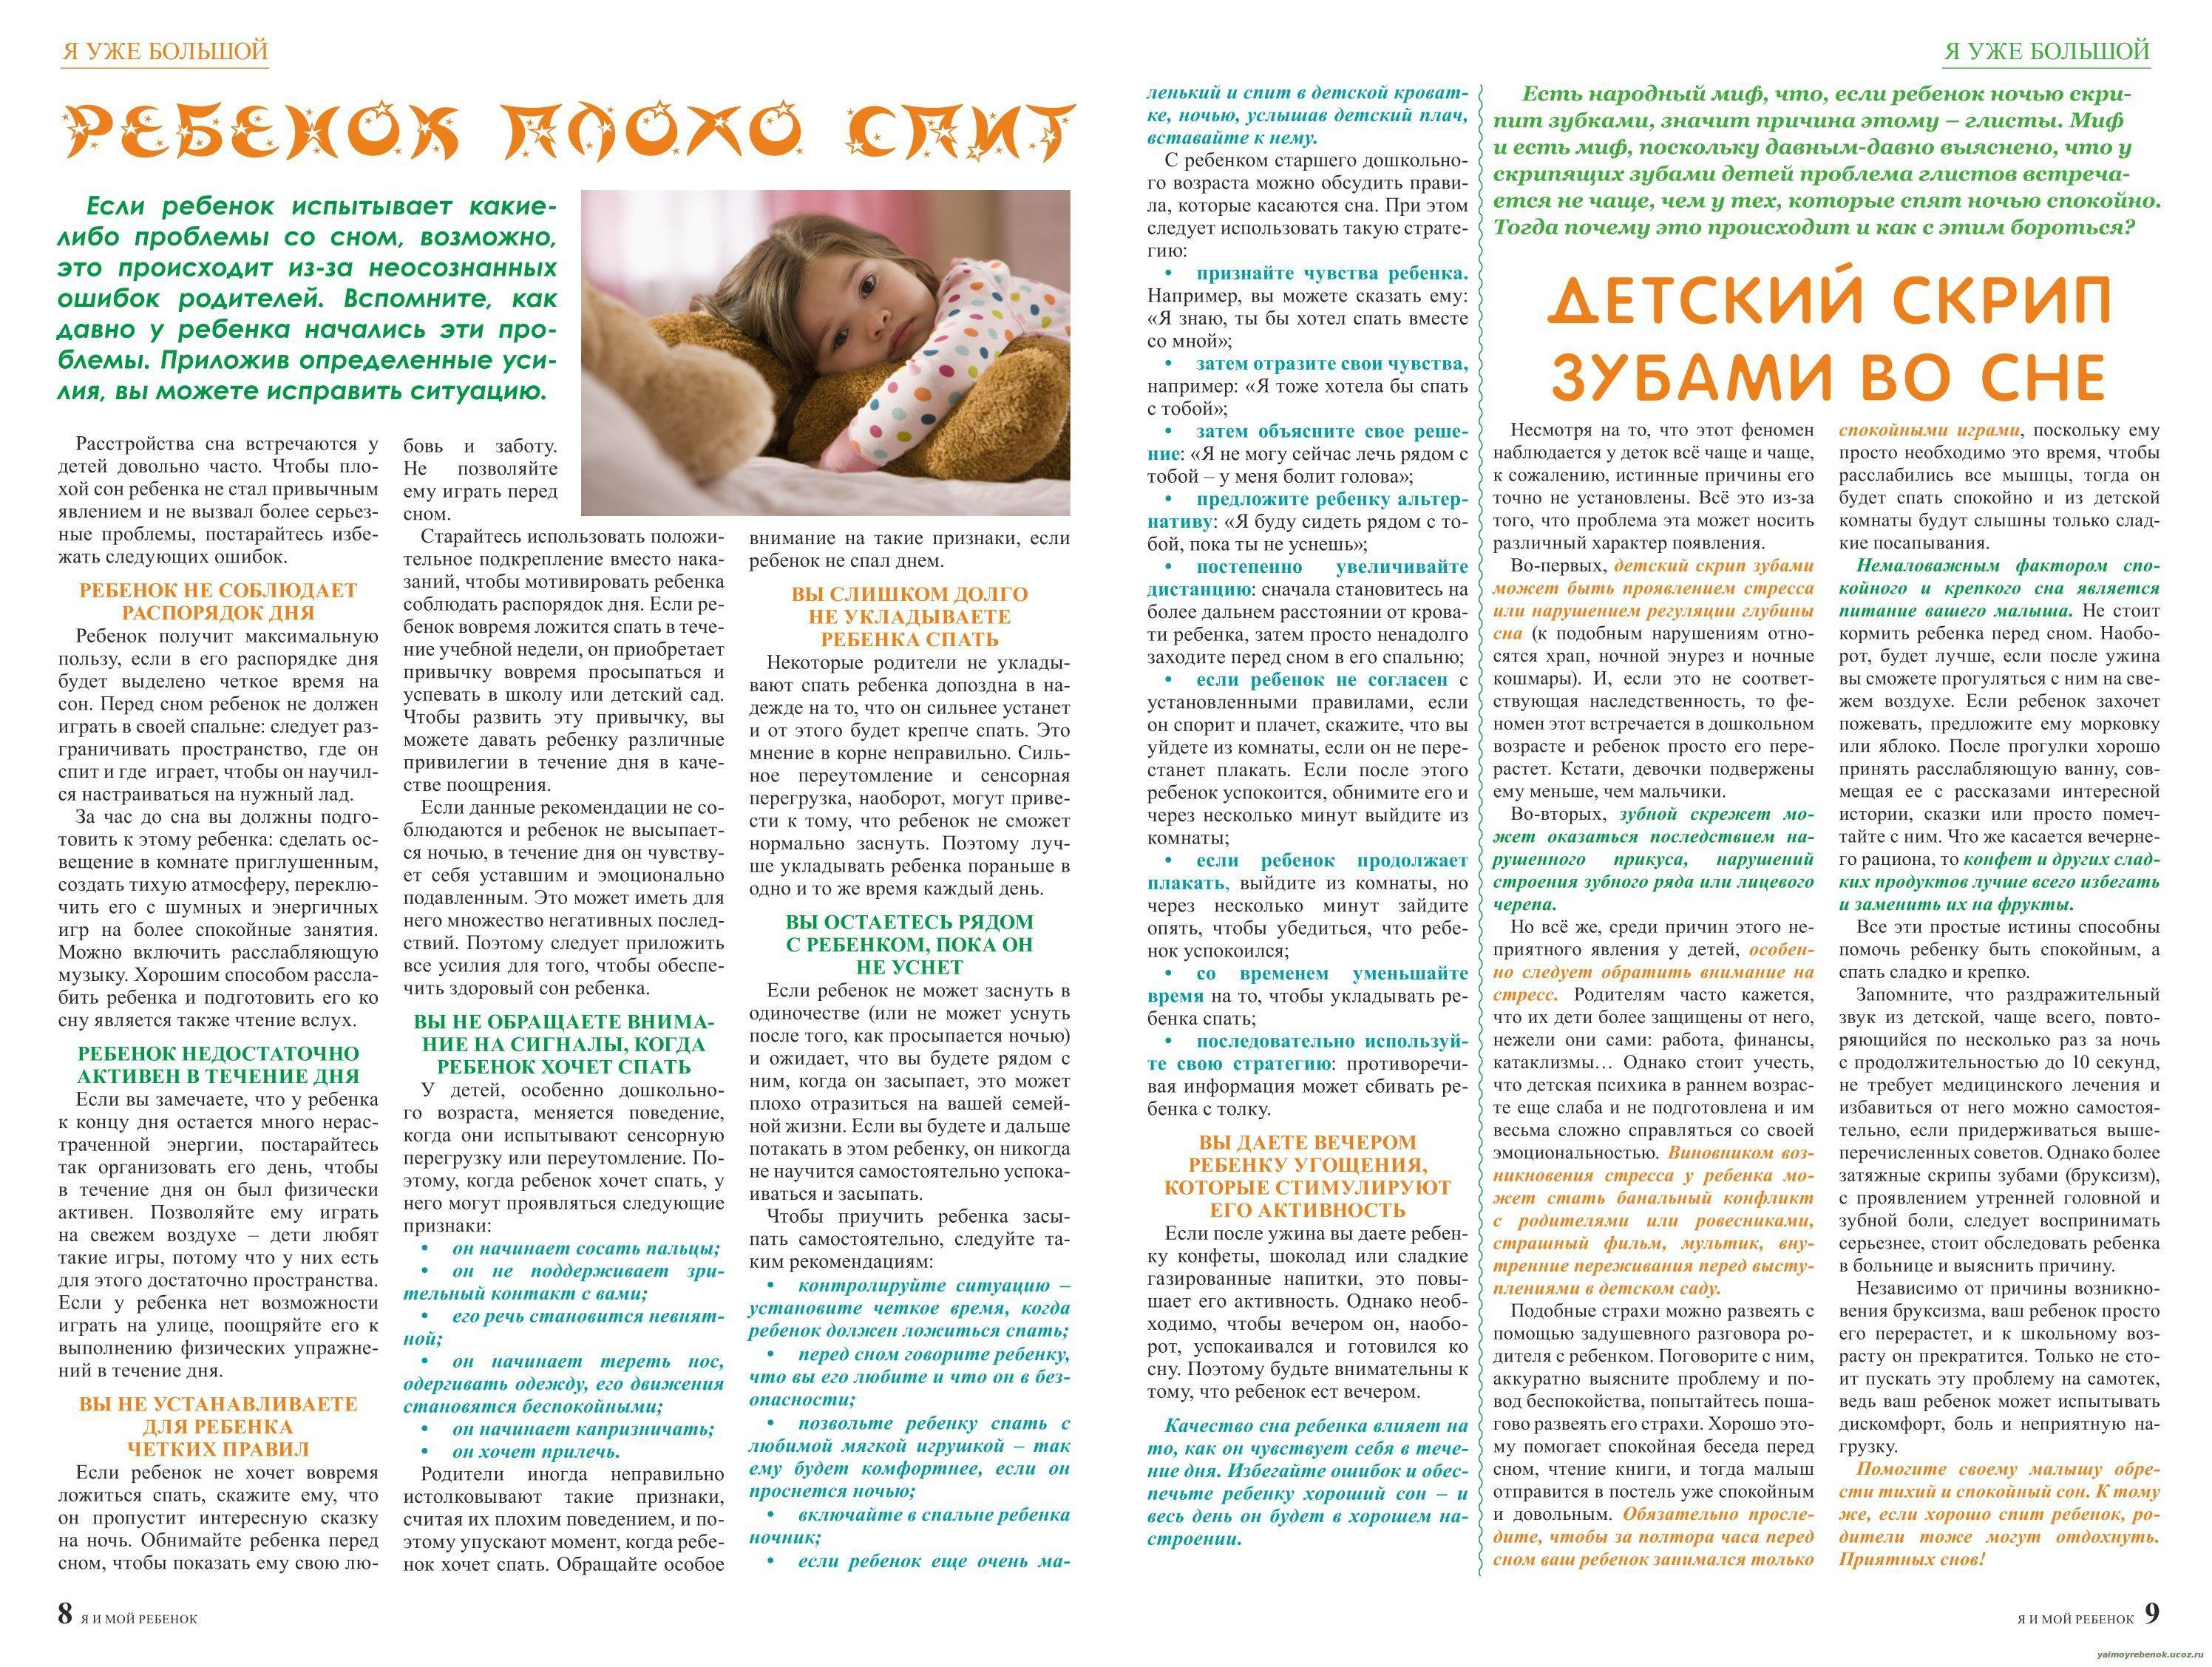 Почему новорожденный мало и плохо спит днем: причины и рекомендации по налаживанию дневного сна грудного ребенка